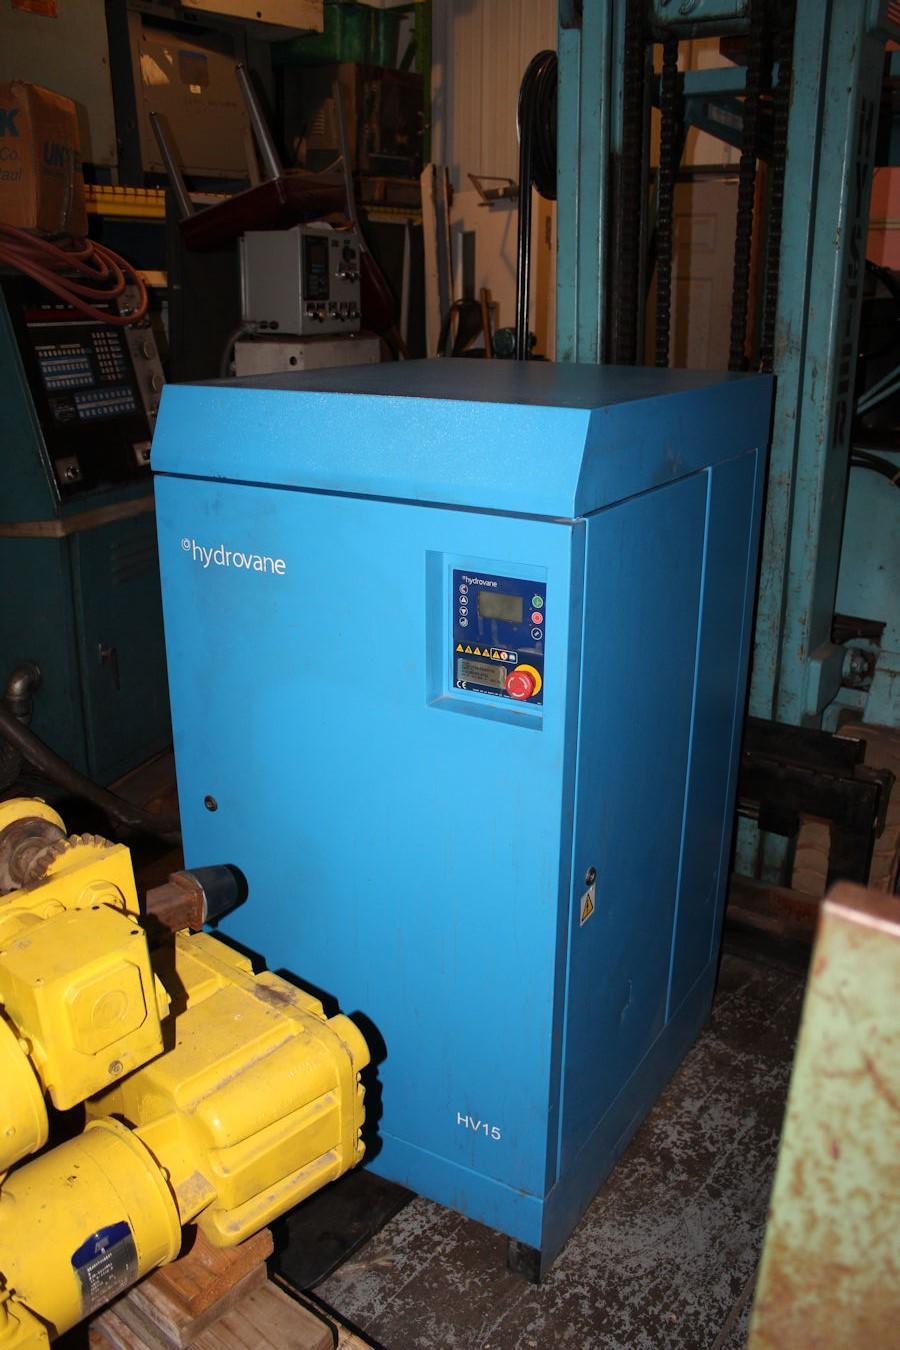 Model V15ACE08-2336D105, S# V15-000301-0703, Digital control, 15kw 1,760  rpm, Max bar 9, More info coming soon